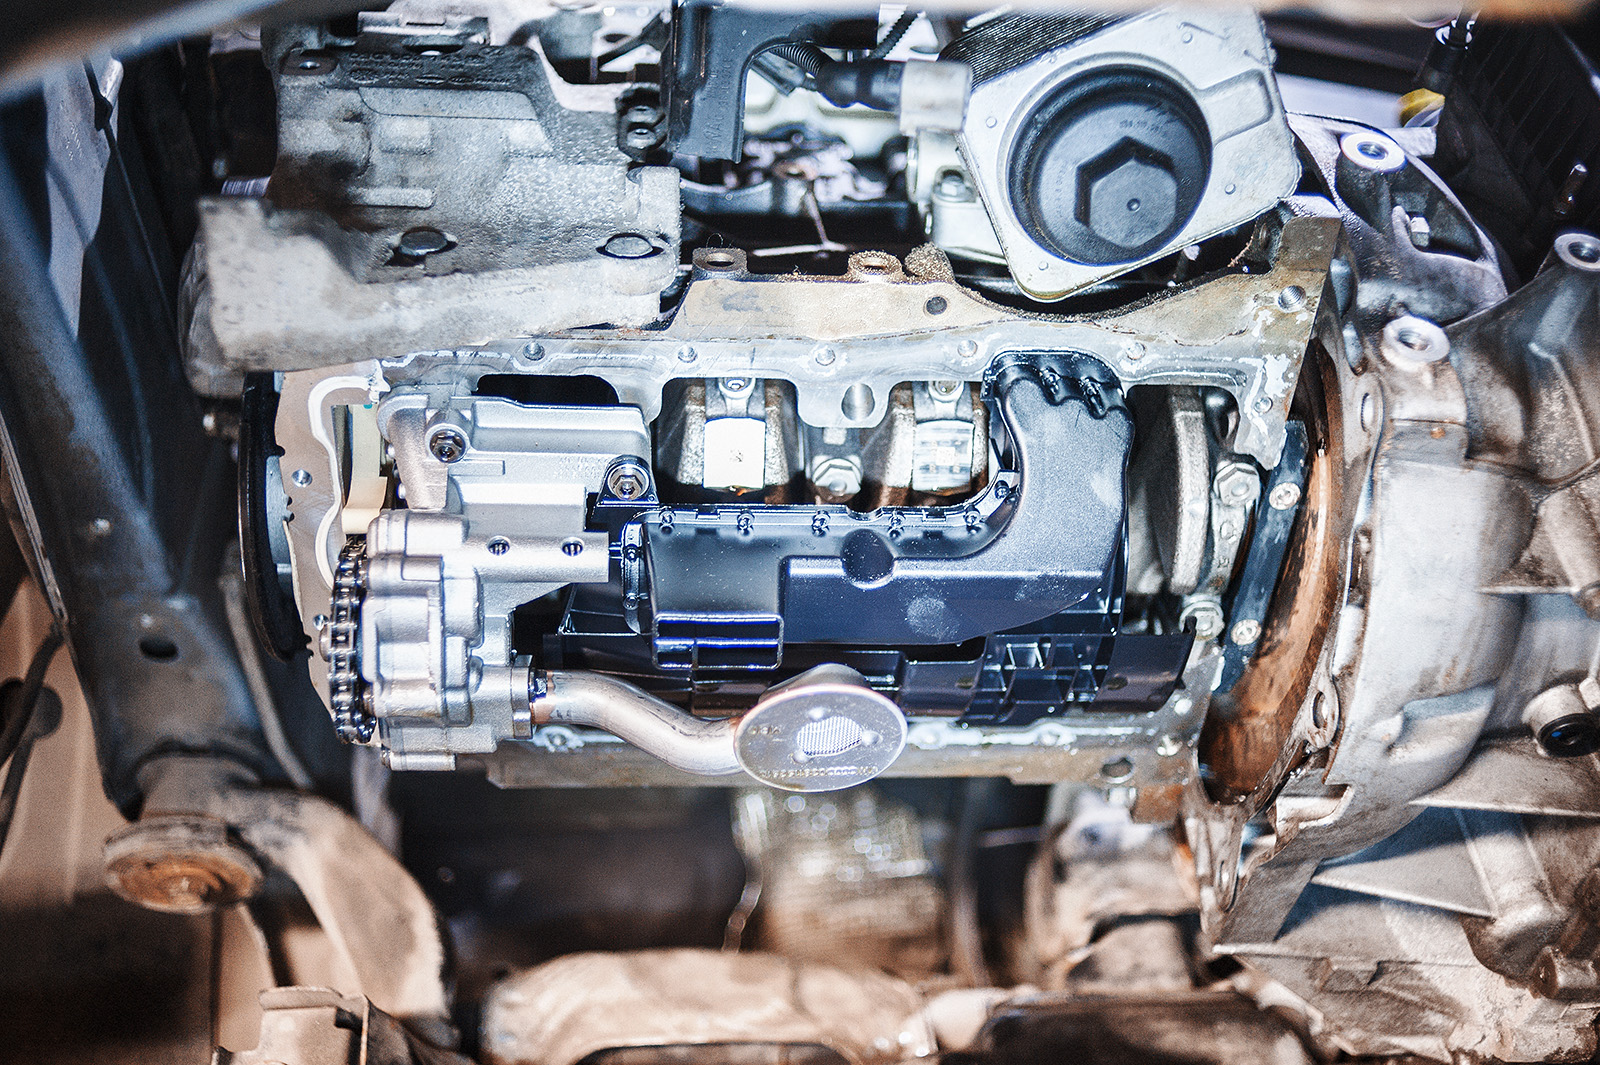 Полюбуйтесь на состояние двигателя, он же вообще без пробега!